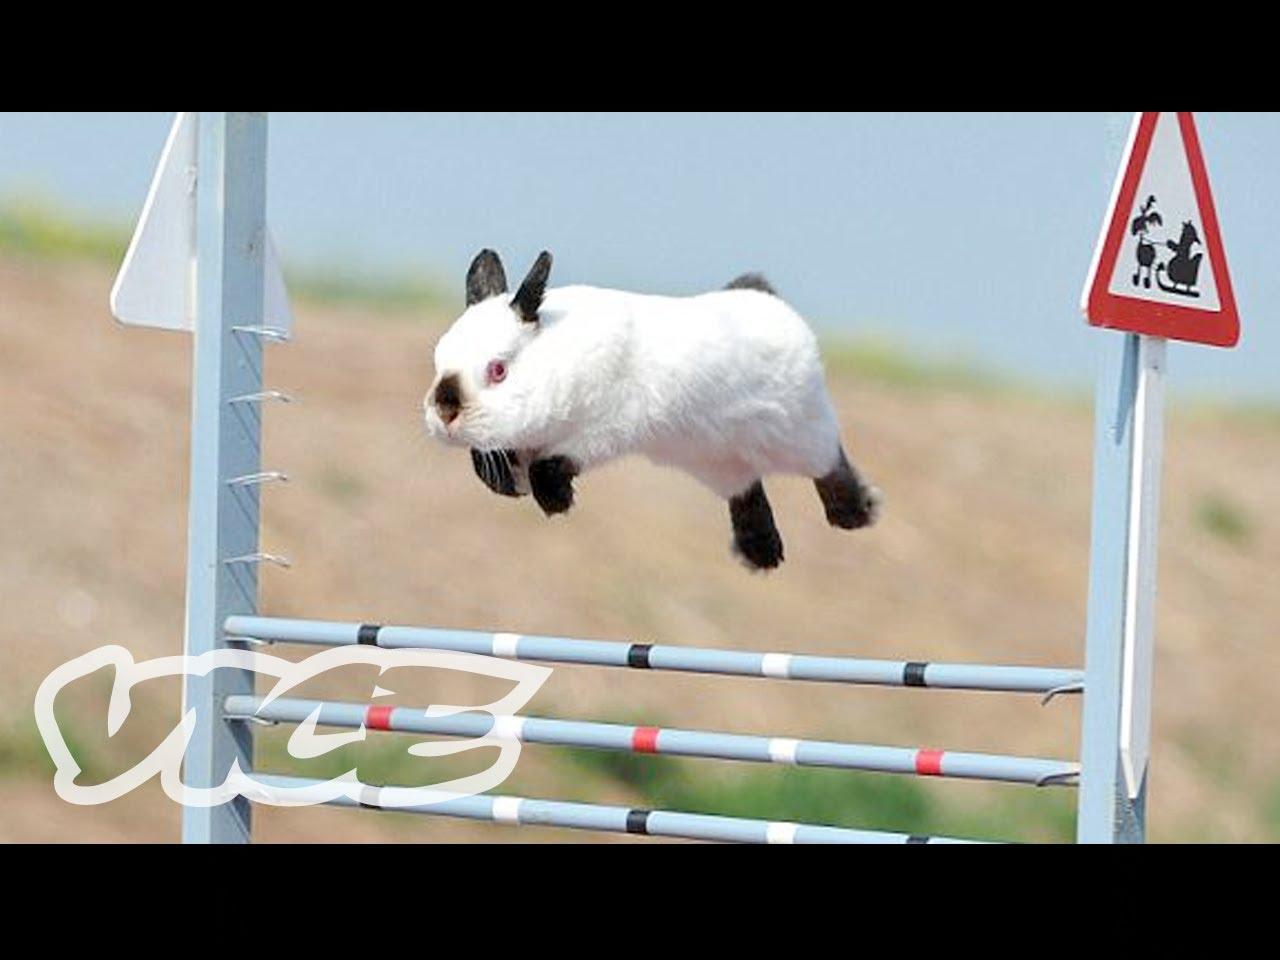 Compétition de sauts de lapins